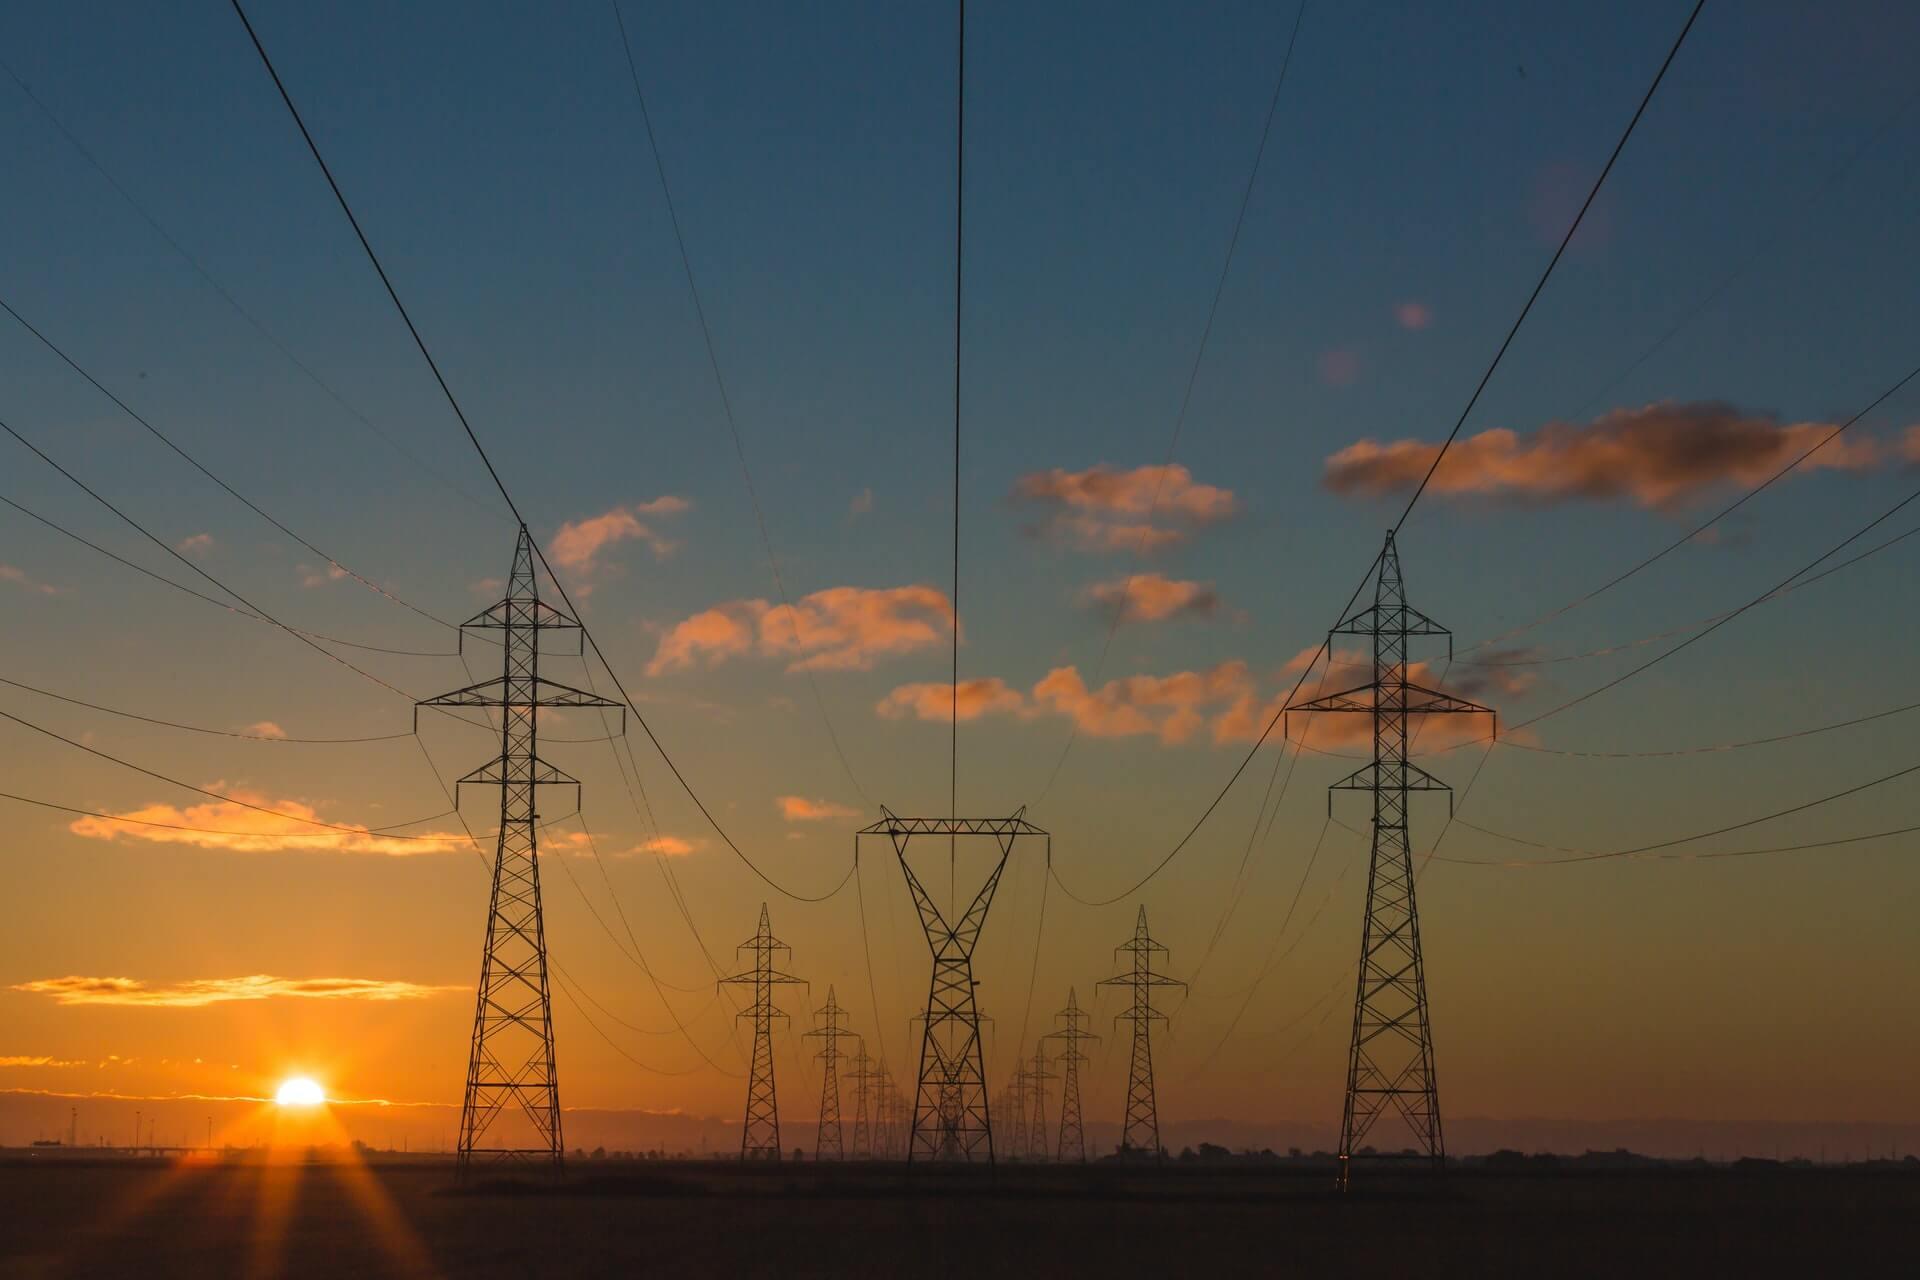 【聊聊能源】電池或電纜-誰能節省更多能量?